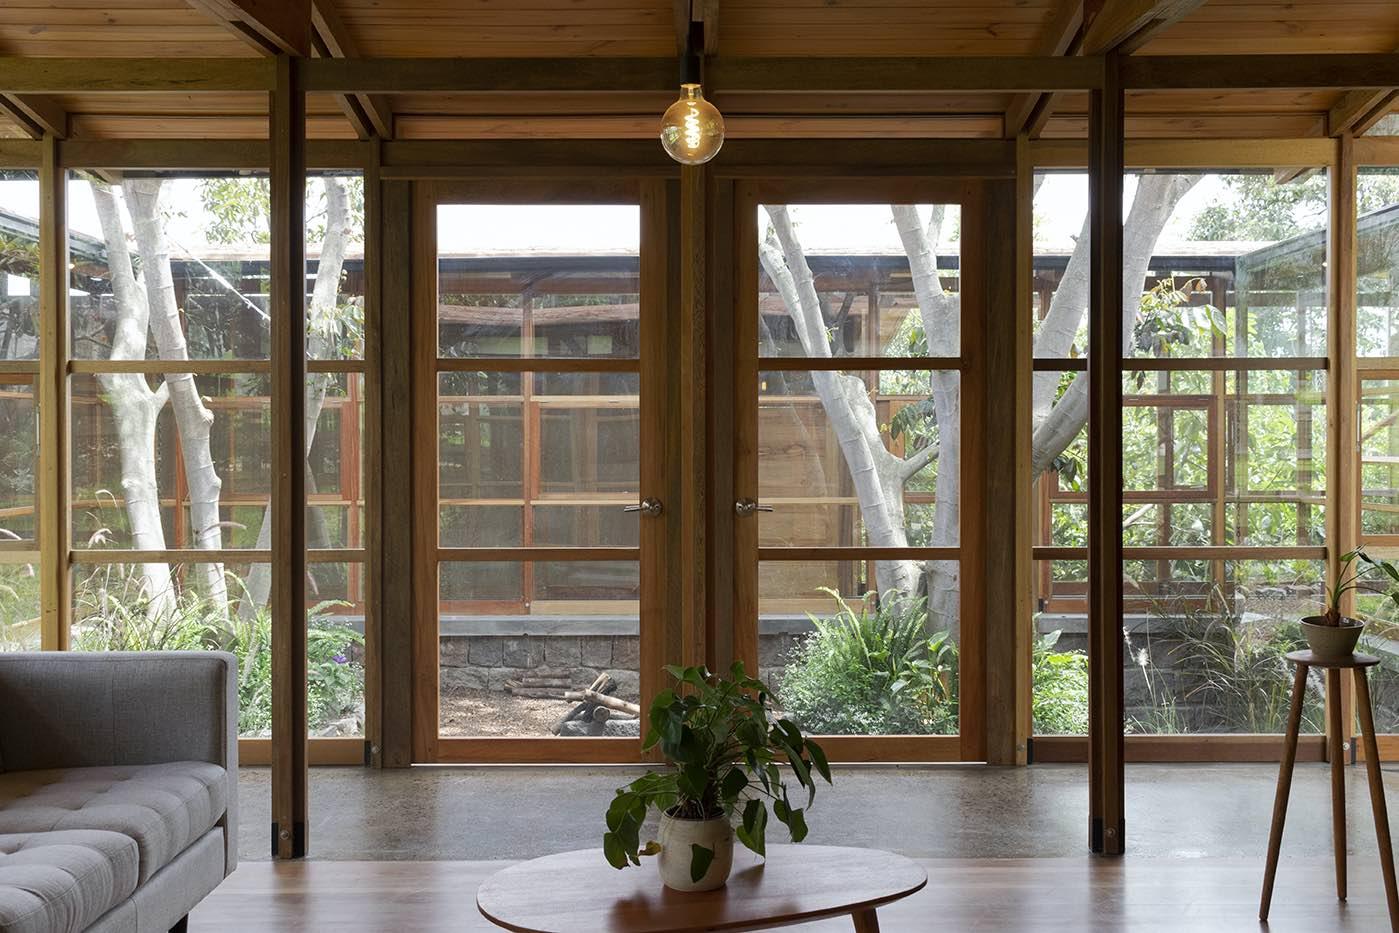 entrance door connecting to the indoor garden